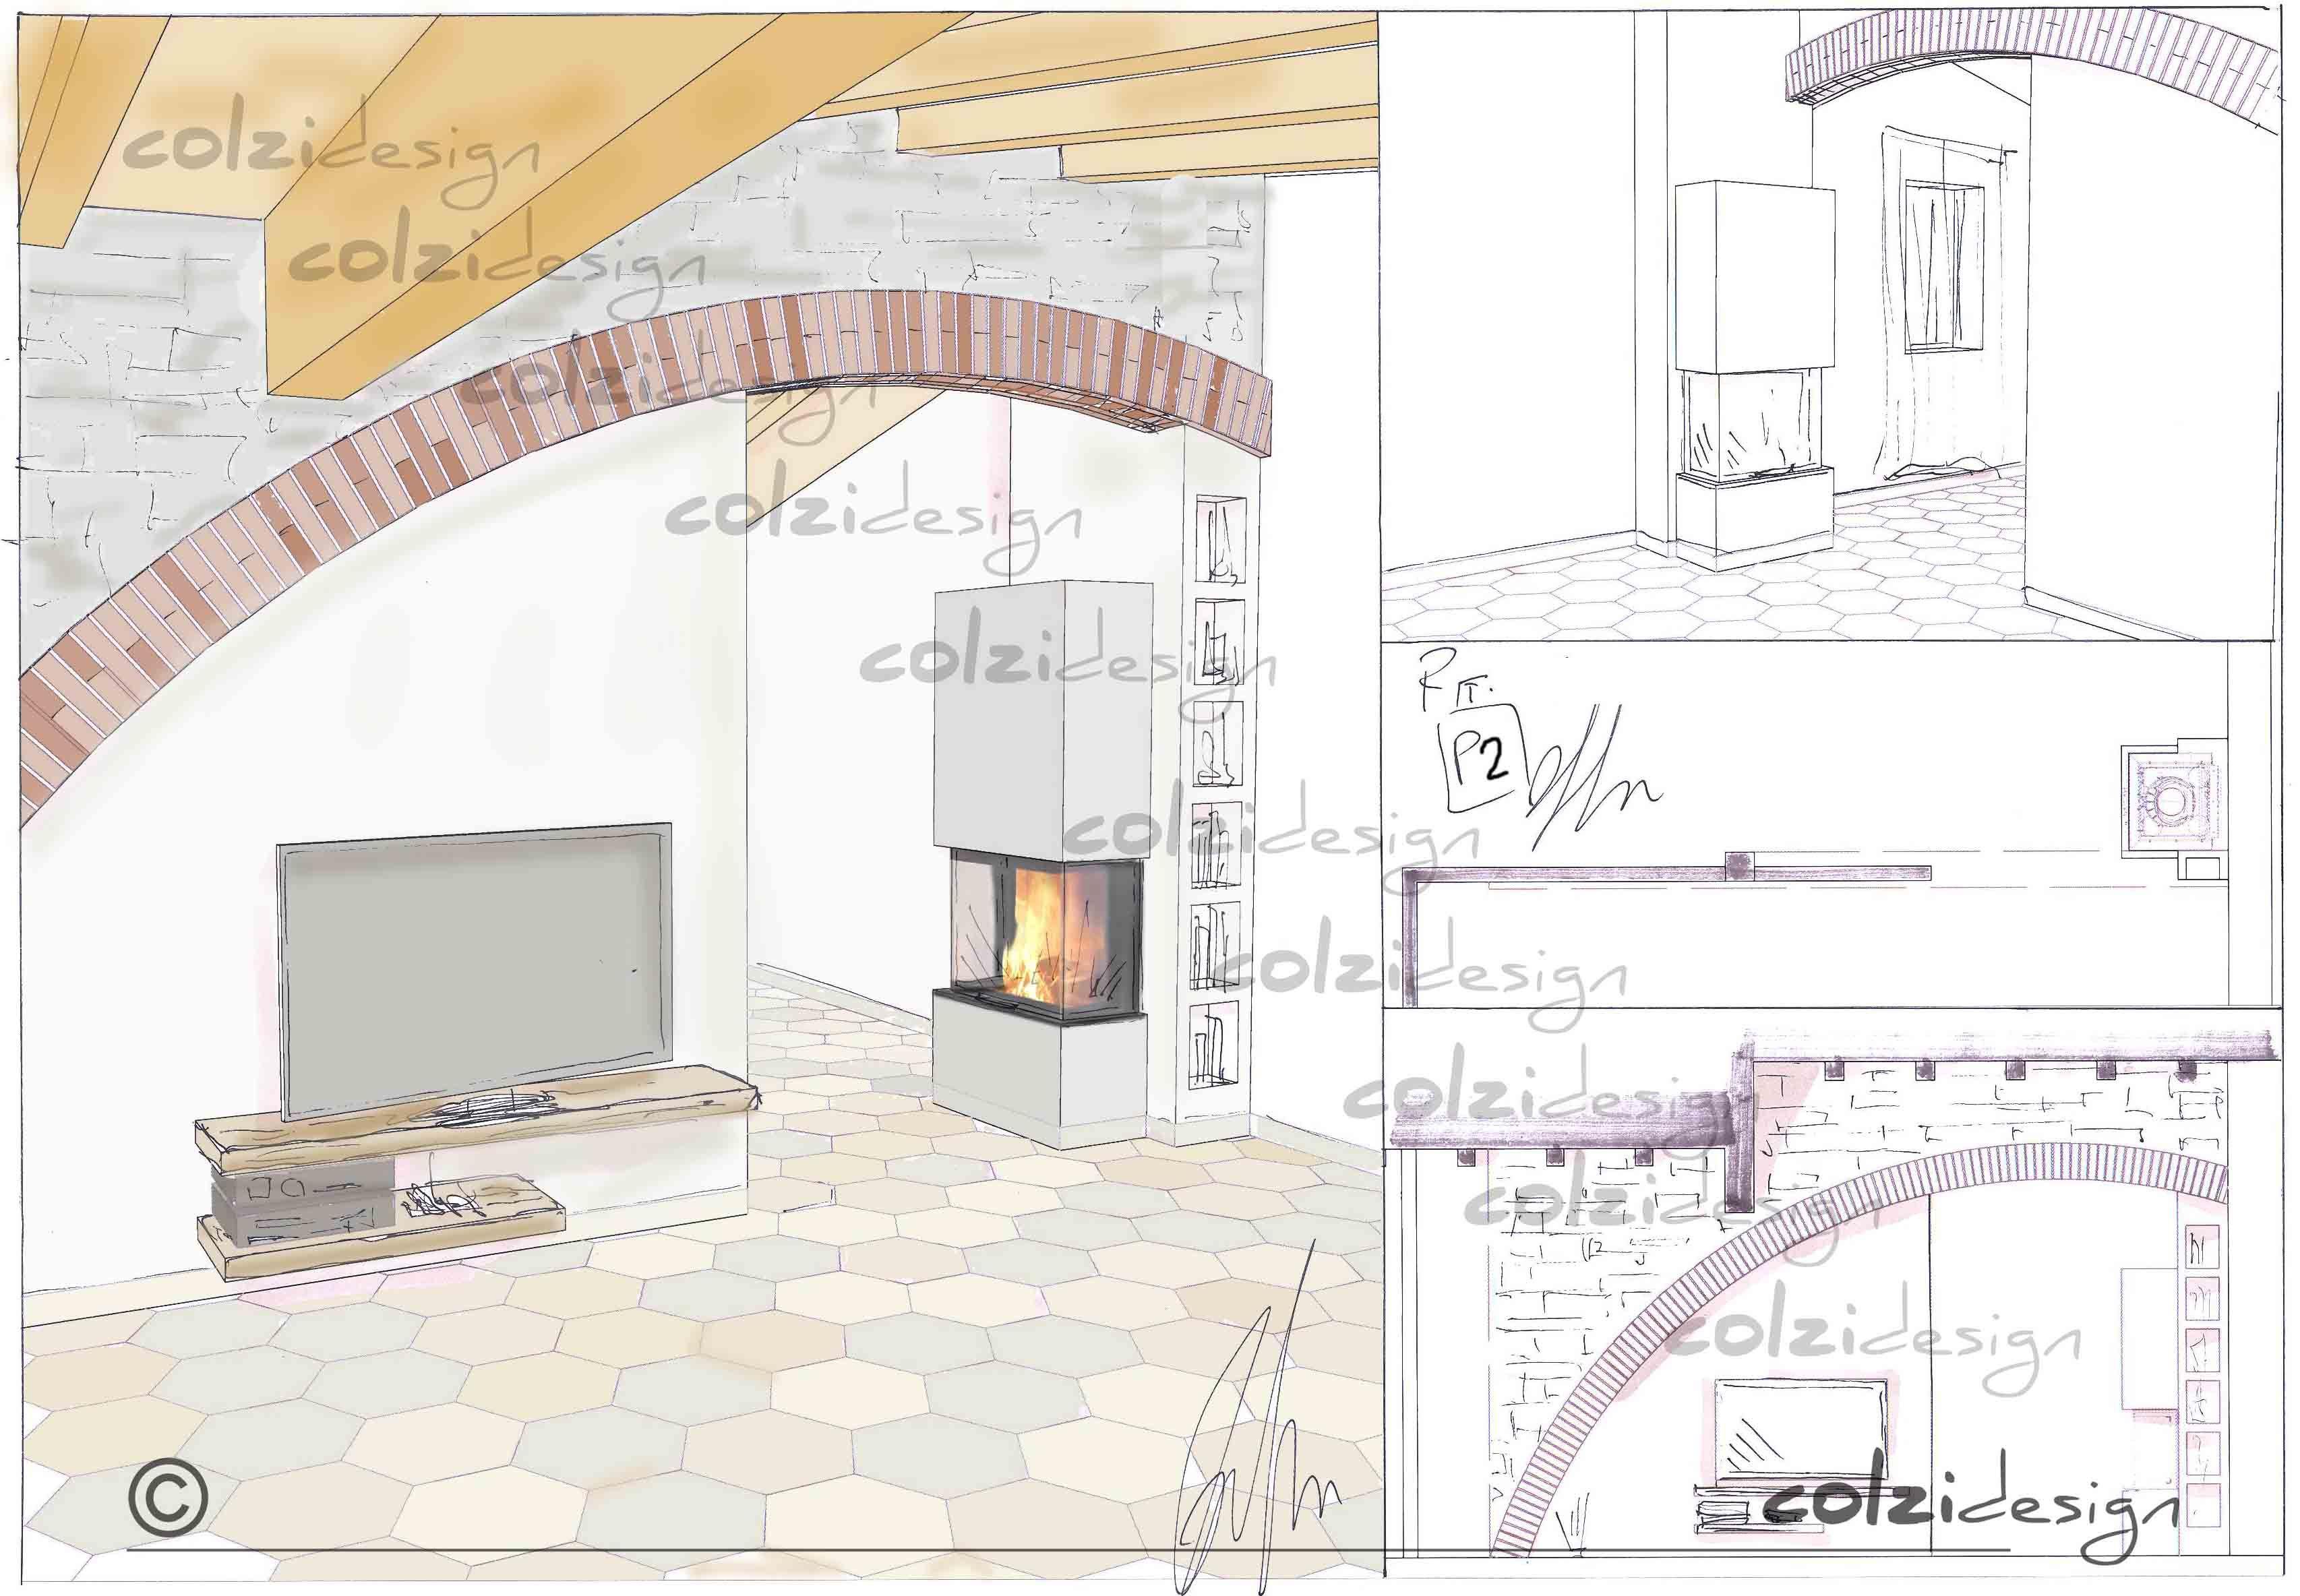 Trifacciale di AustroFlamm by #montexport Progettazione camino e ambientazione #colzidesign